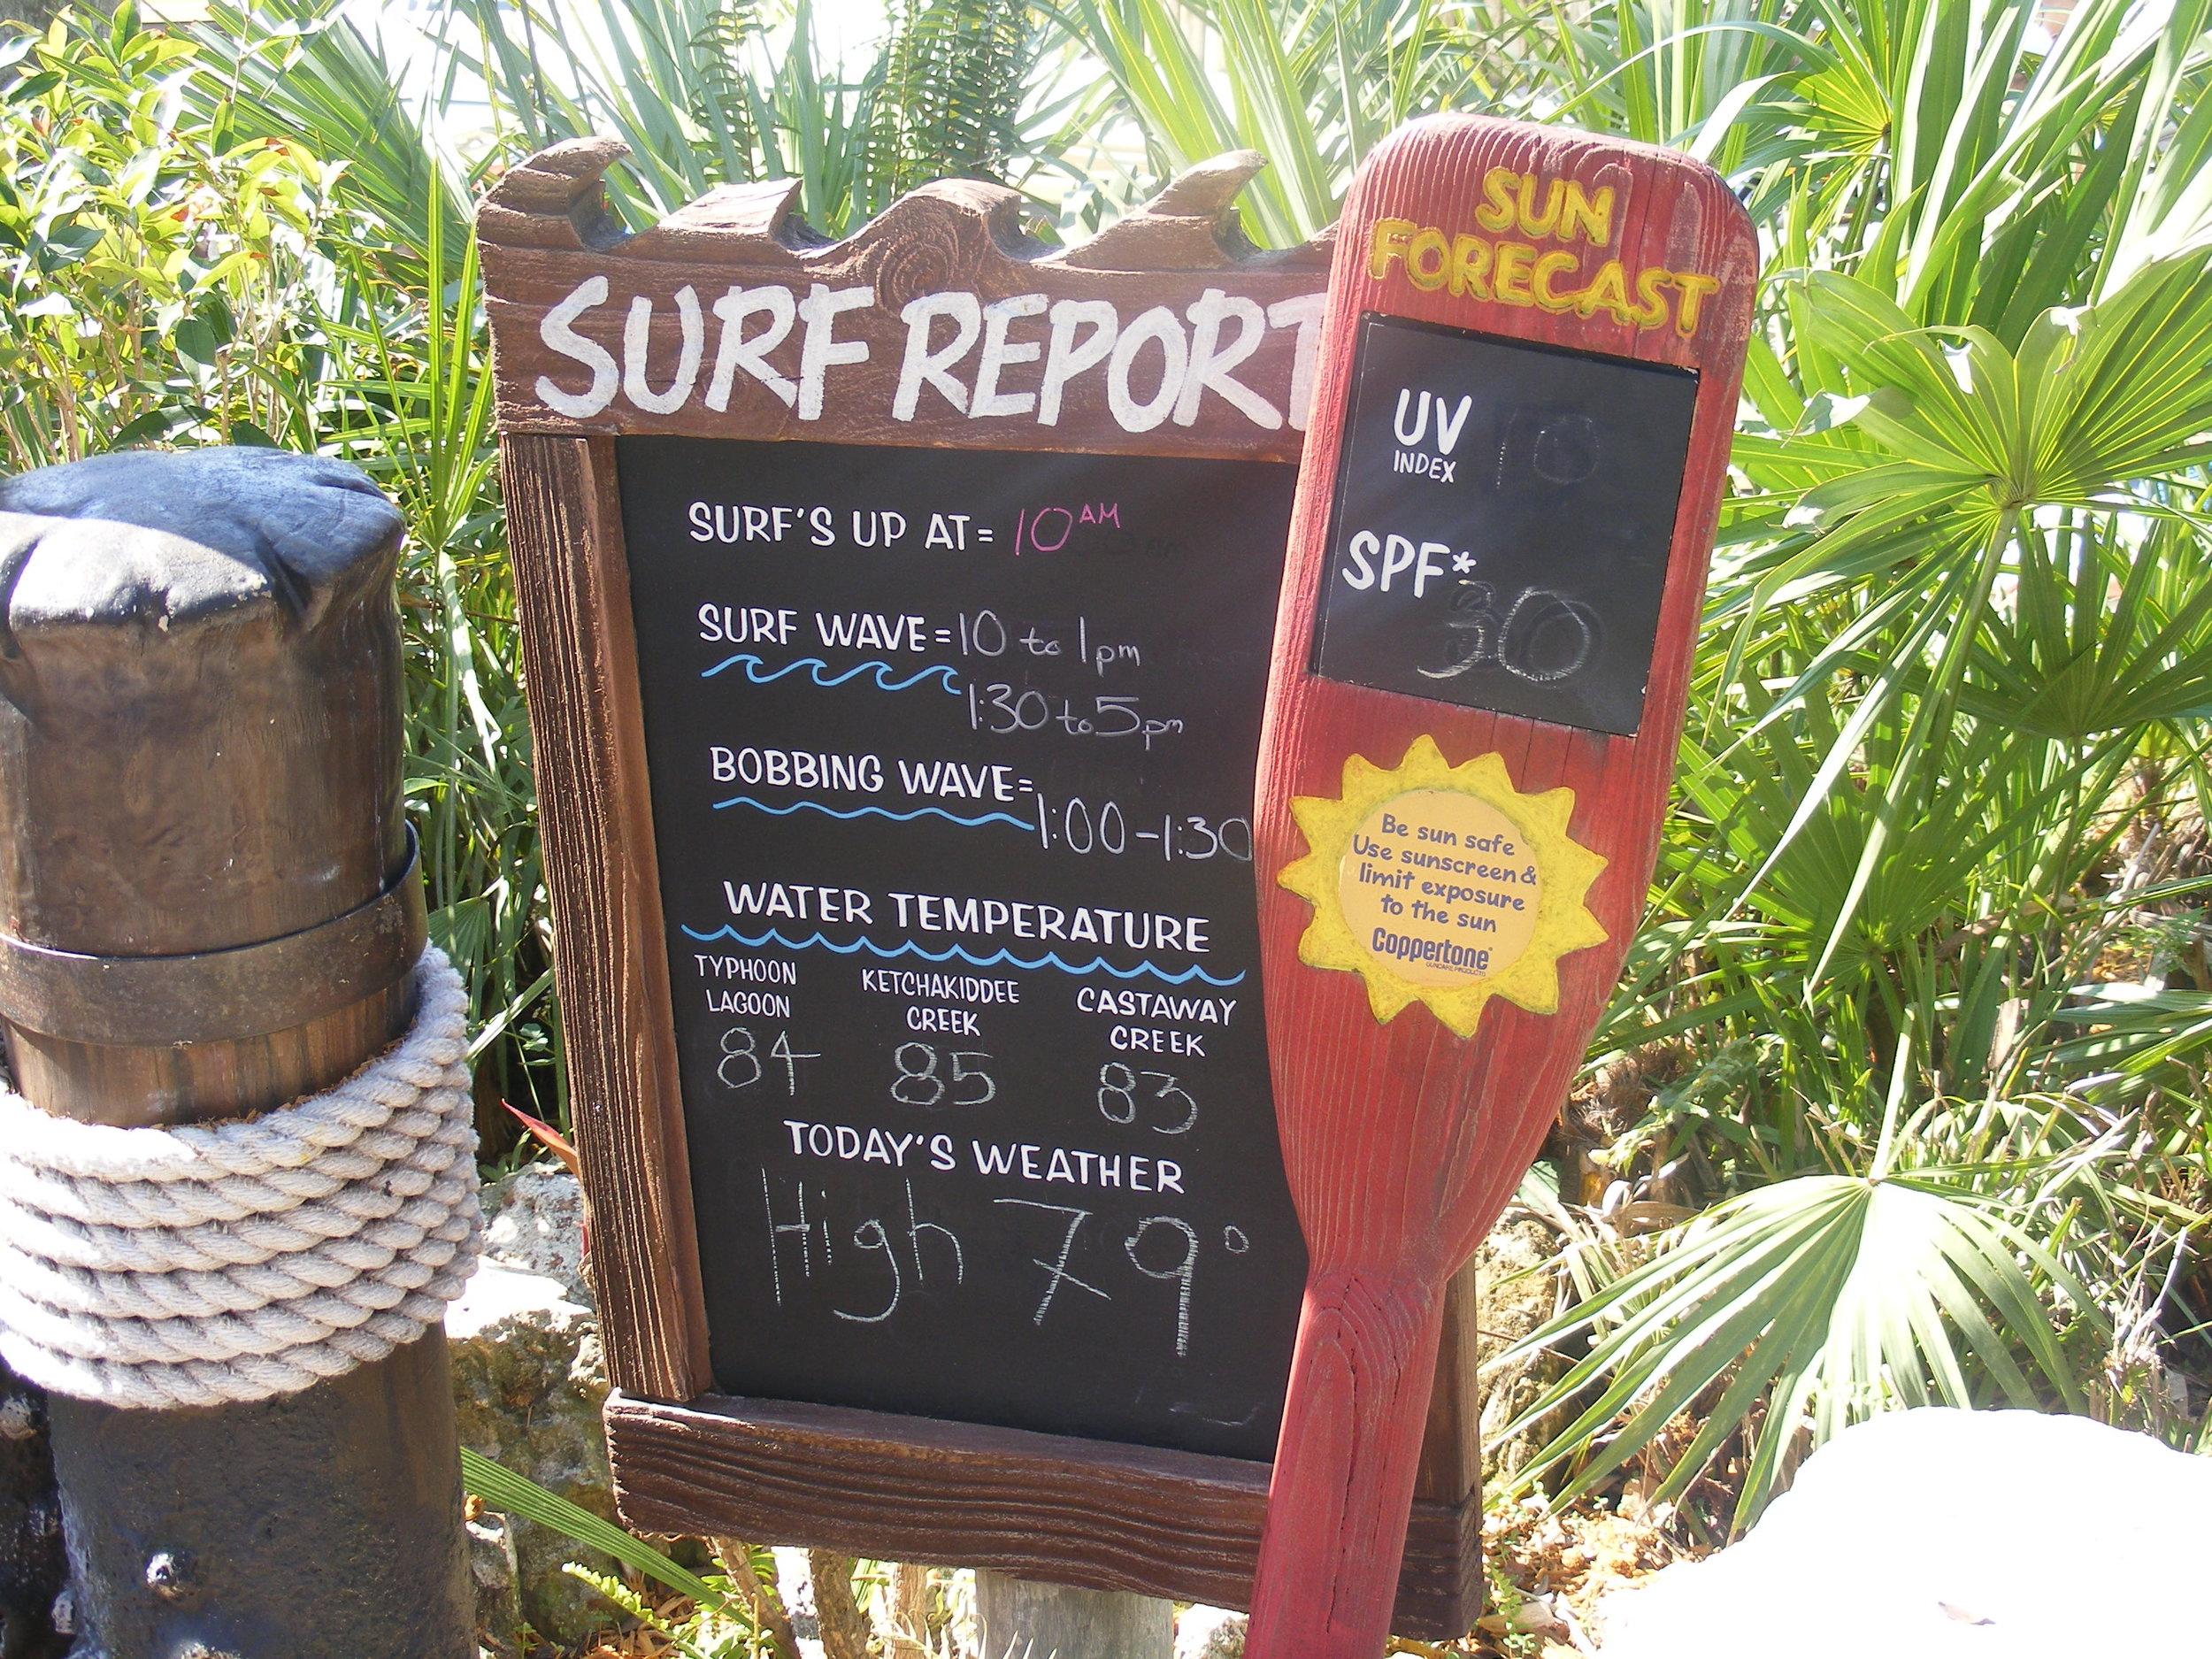 Surf Report, Typhoon Lagoon